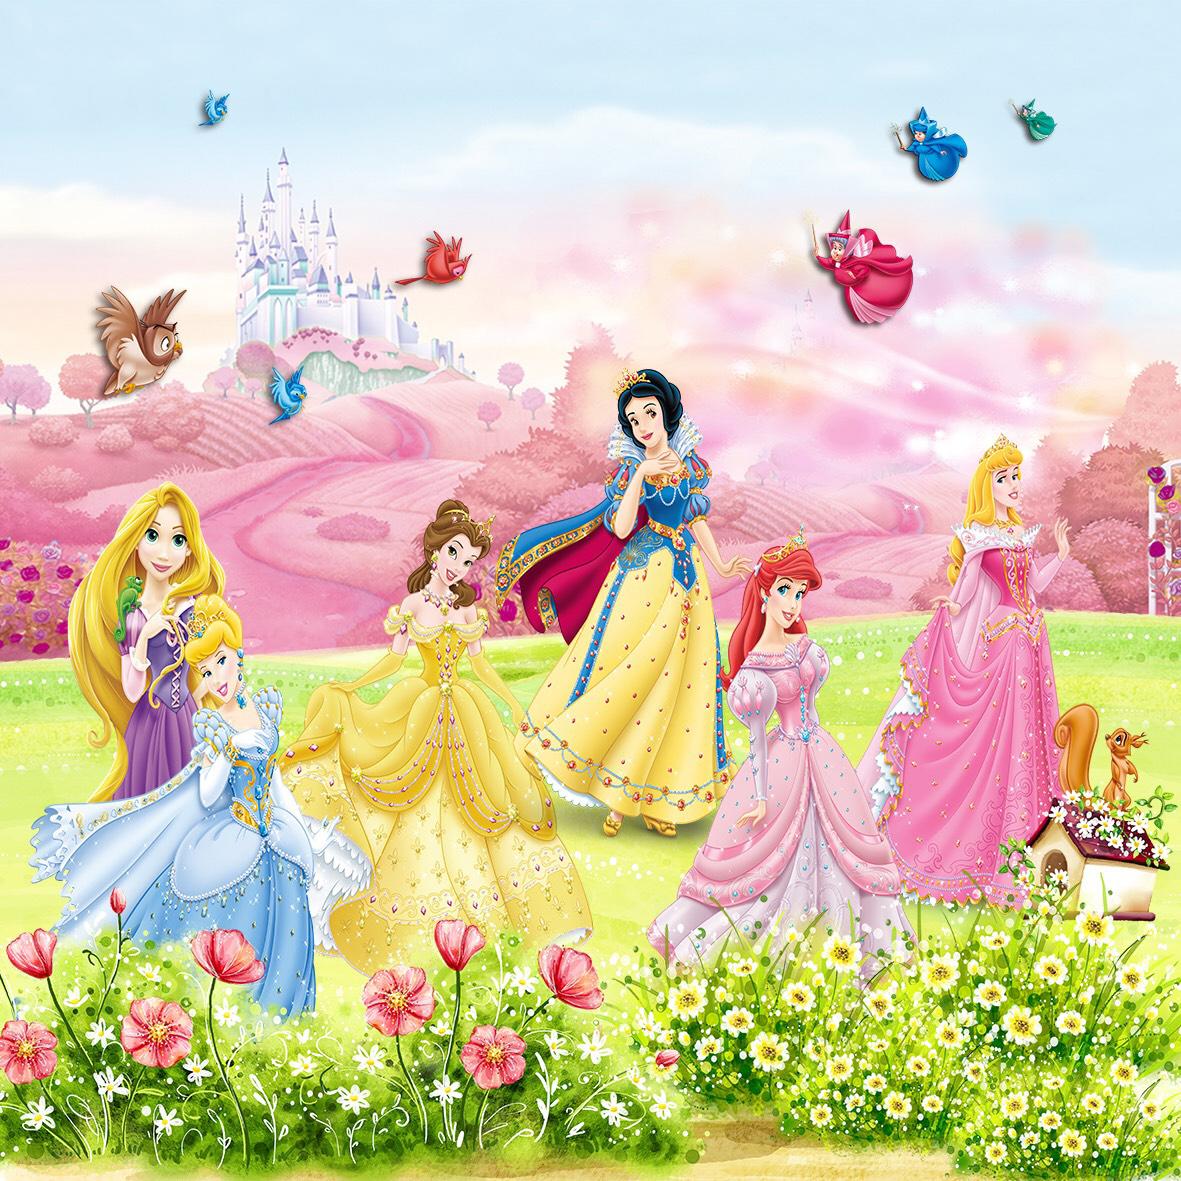 Tranh dán tường 3D hình công chúa trang trí cho bé vải lụa - 120x180cm